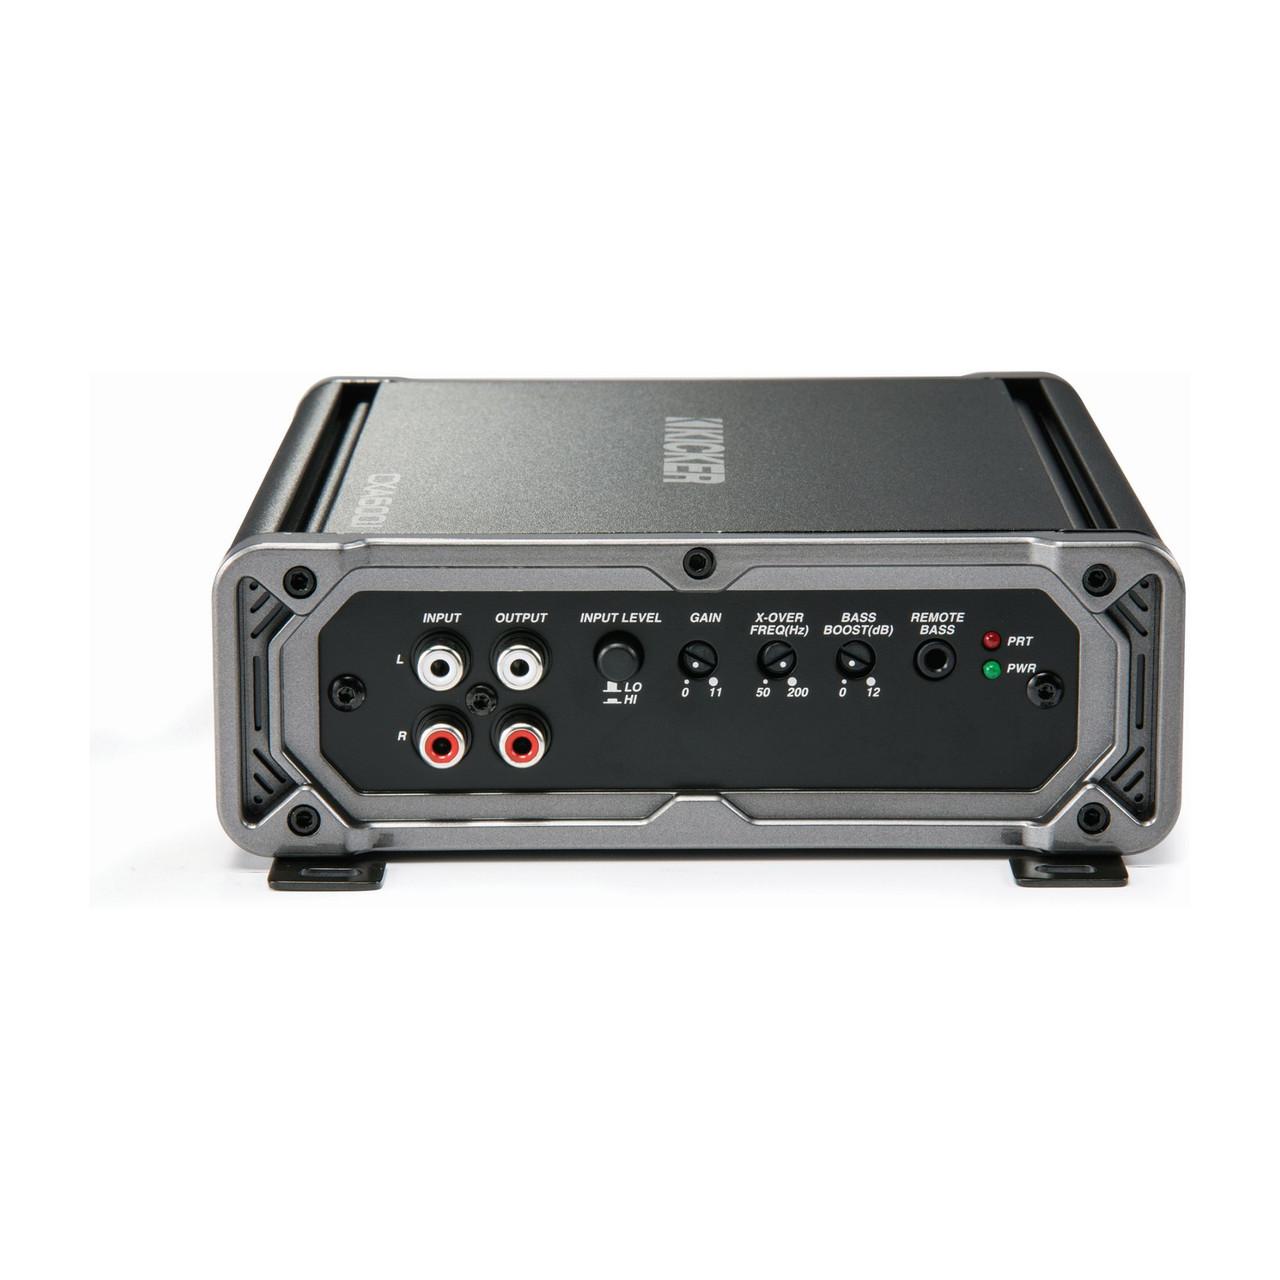 Kicker CXA600 1 600-Watt Mono Class D Subwoofer Amplifier